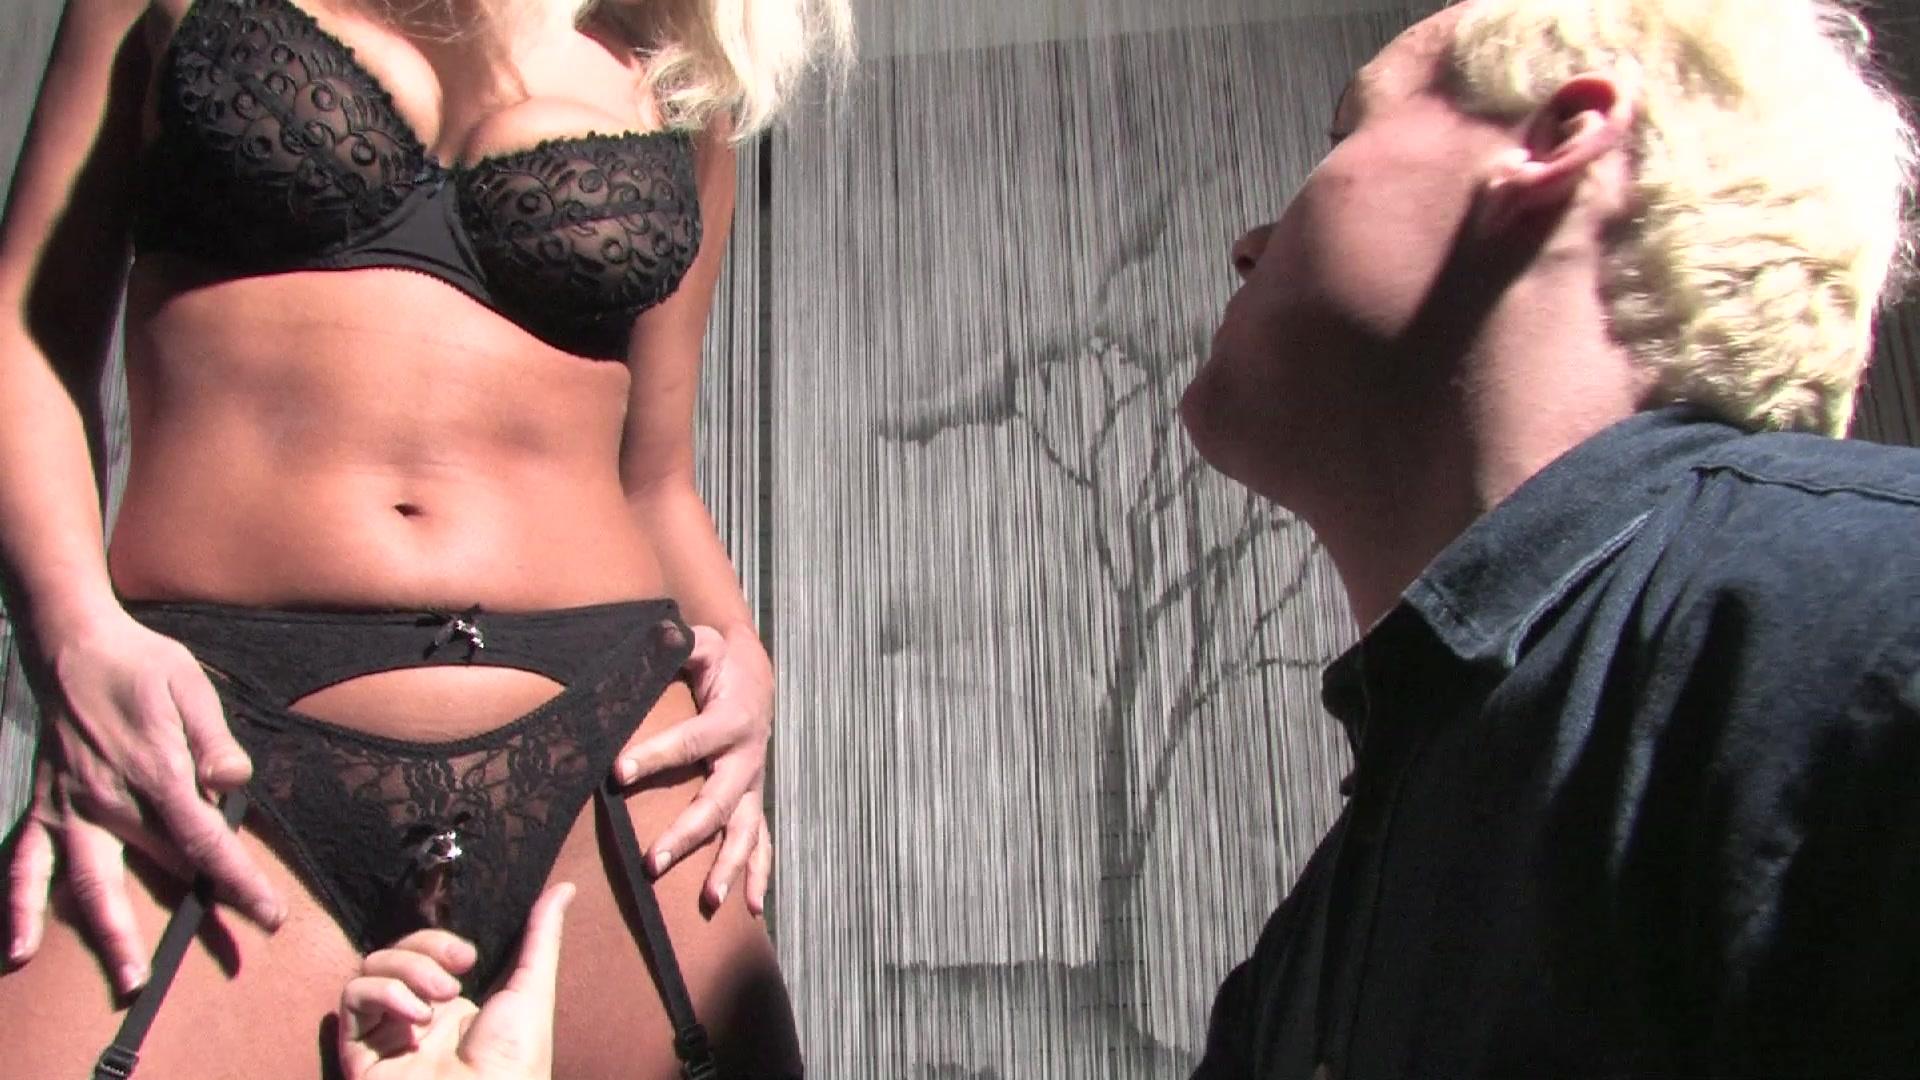 Студия приват актёры, Студия Private - порно фильмы смотреть онлайн 14 фотография